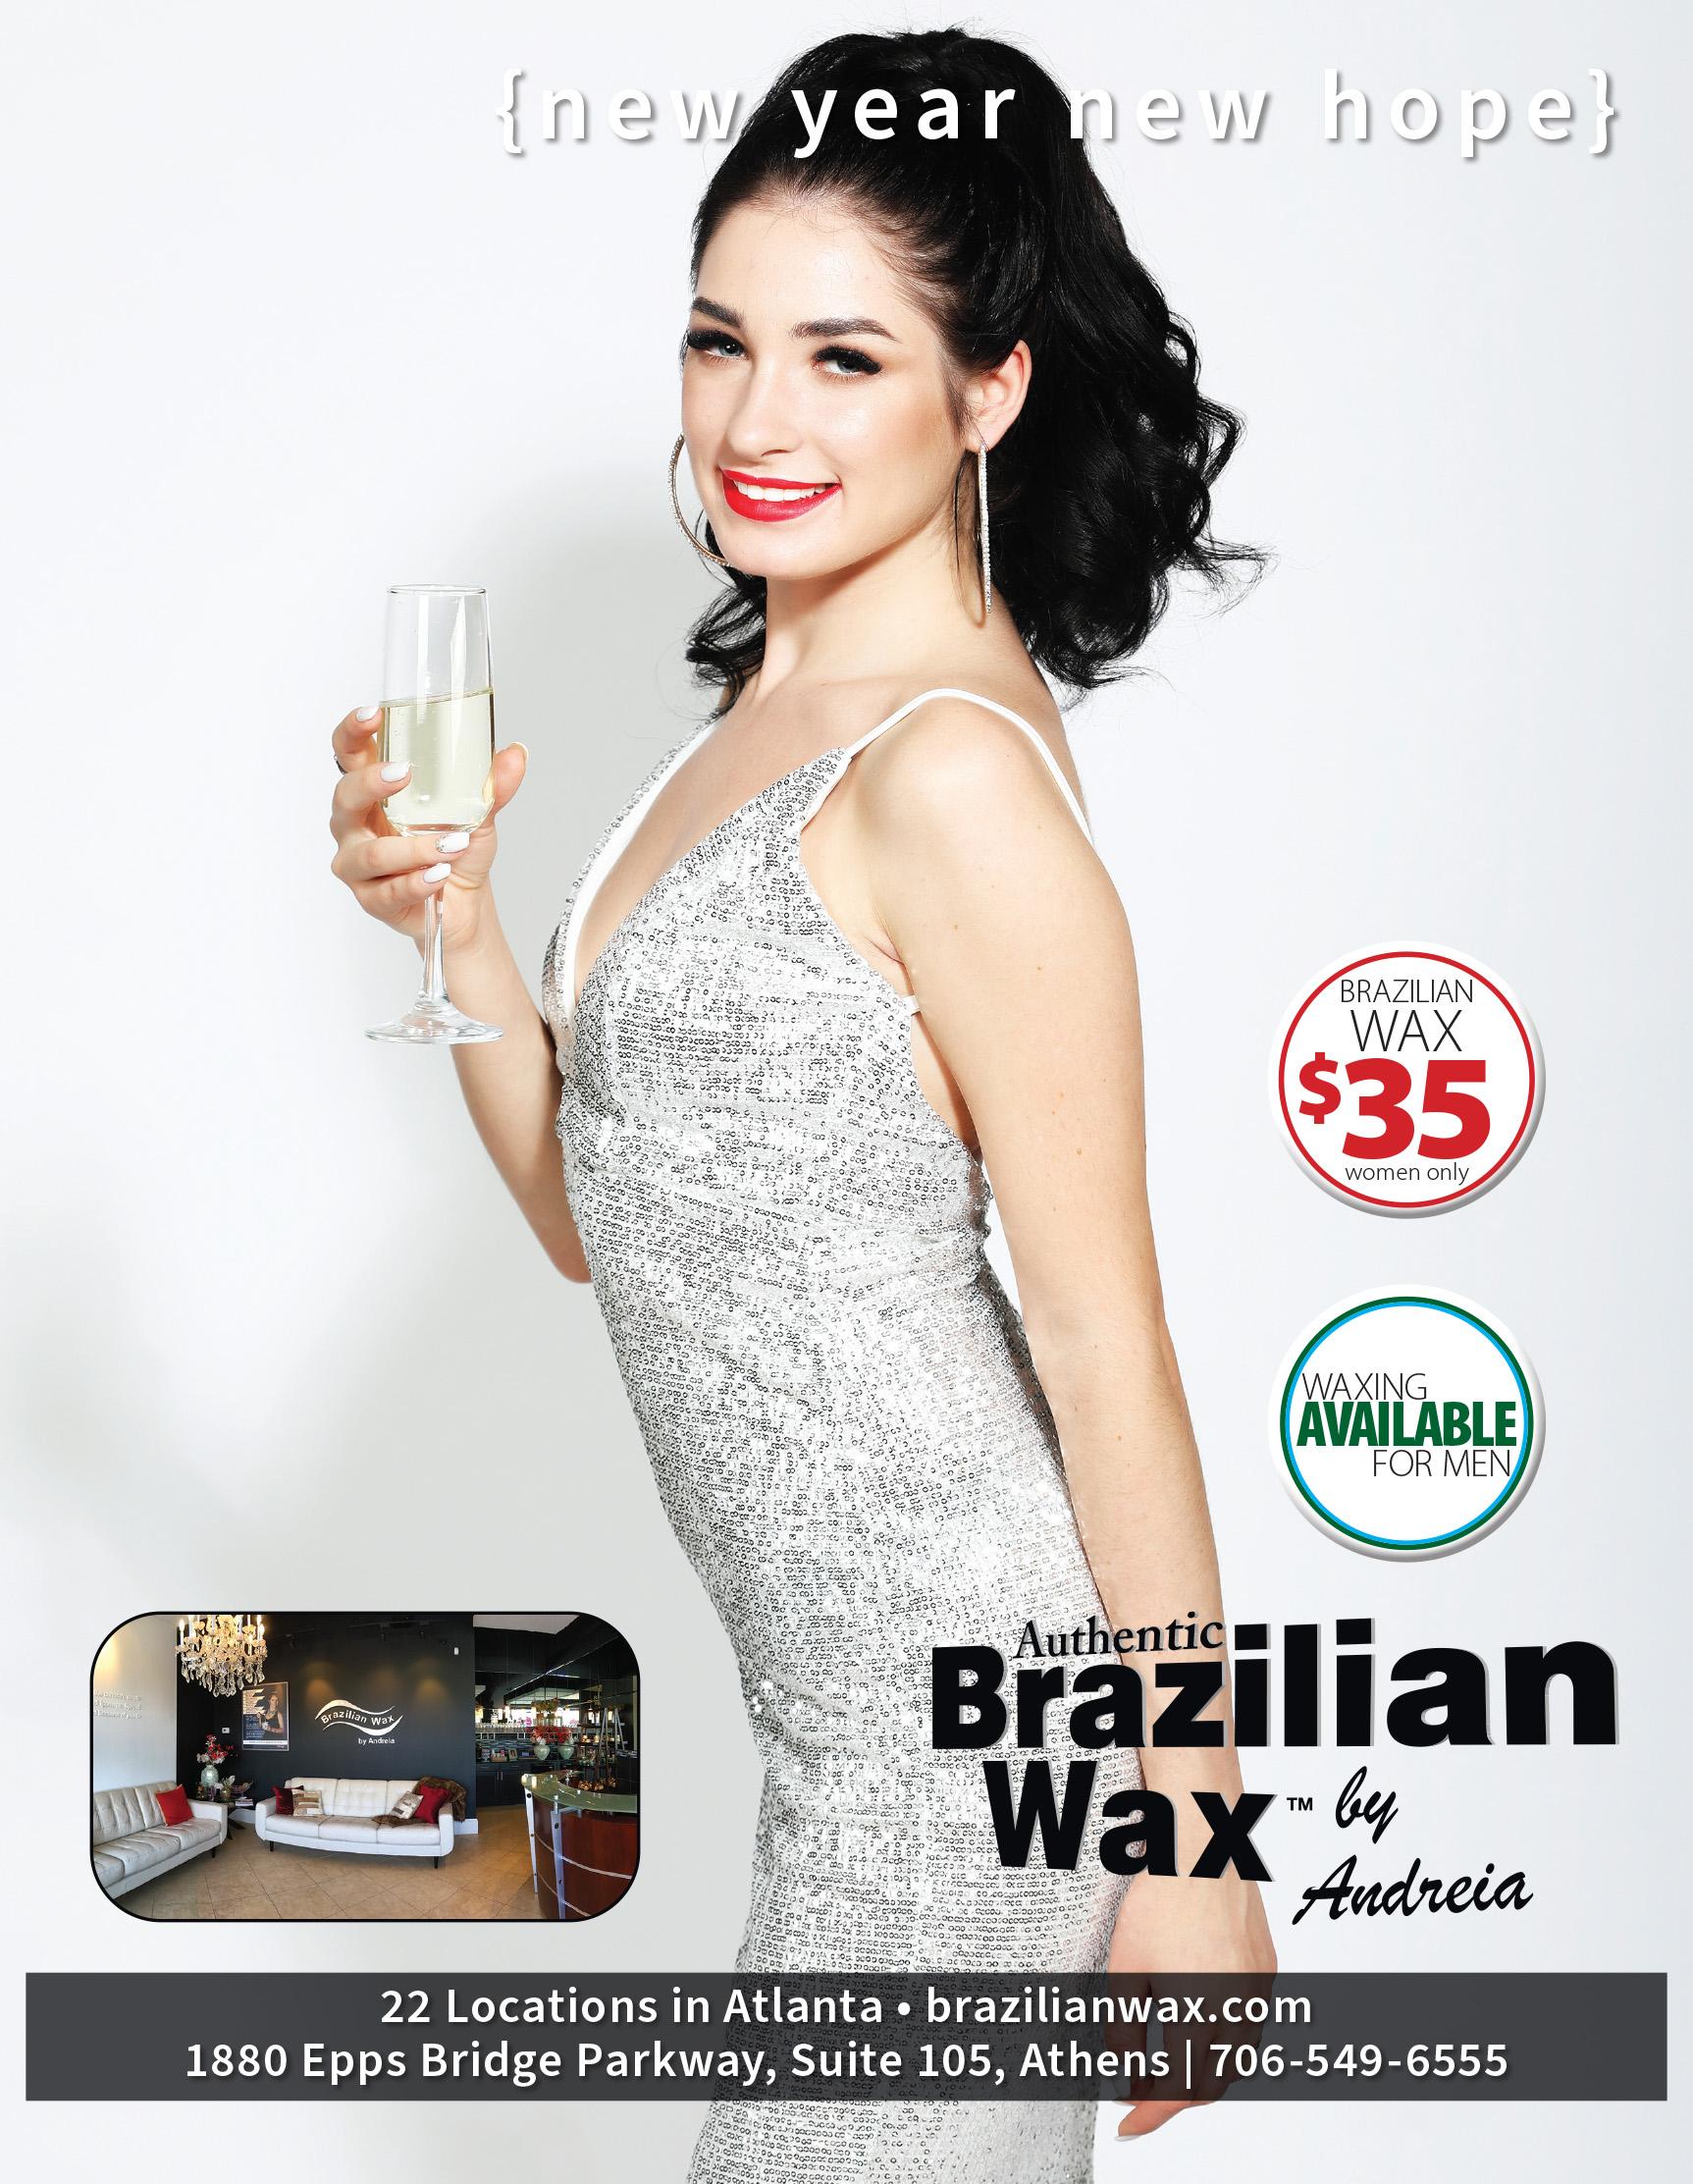 brazilianwax-full-0121